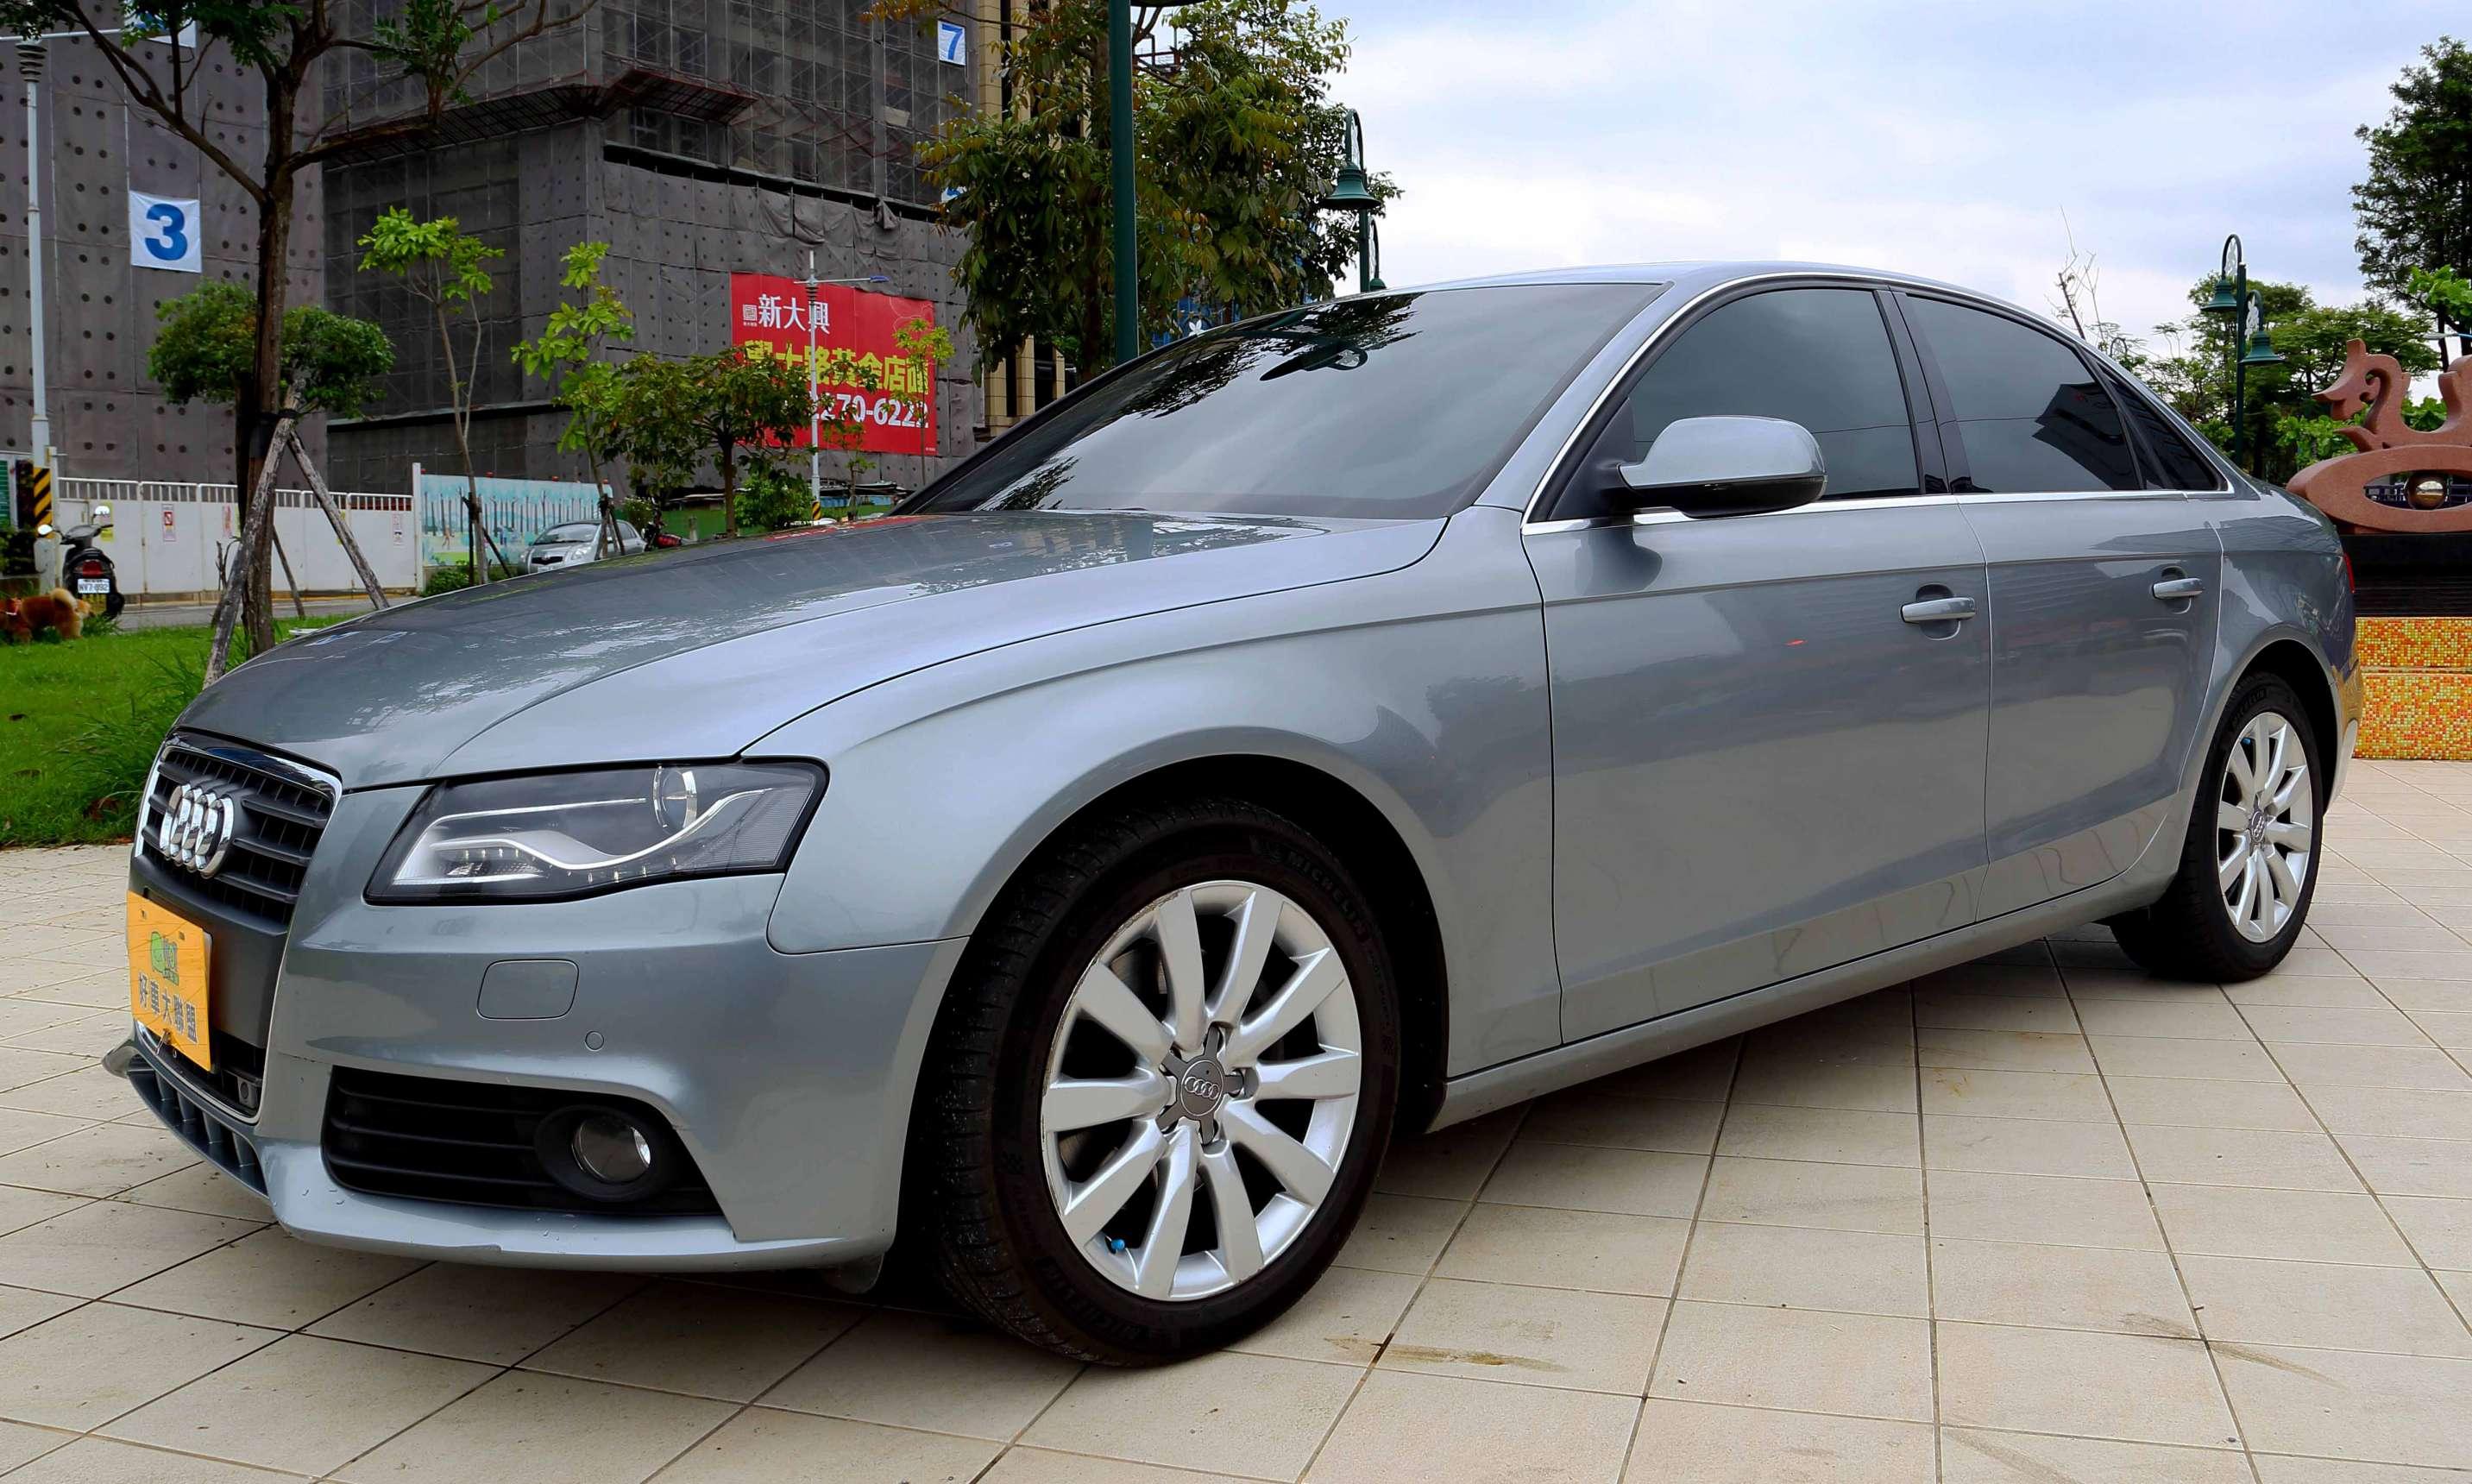 2010 Audi 奧迪 A4 sedan